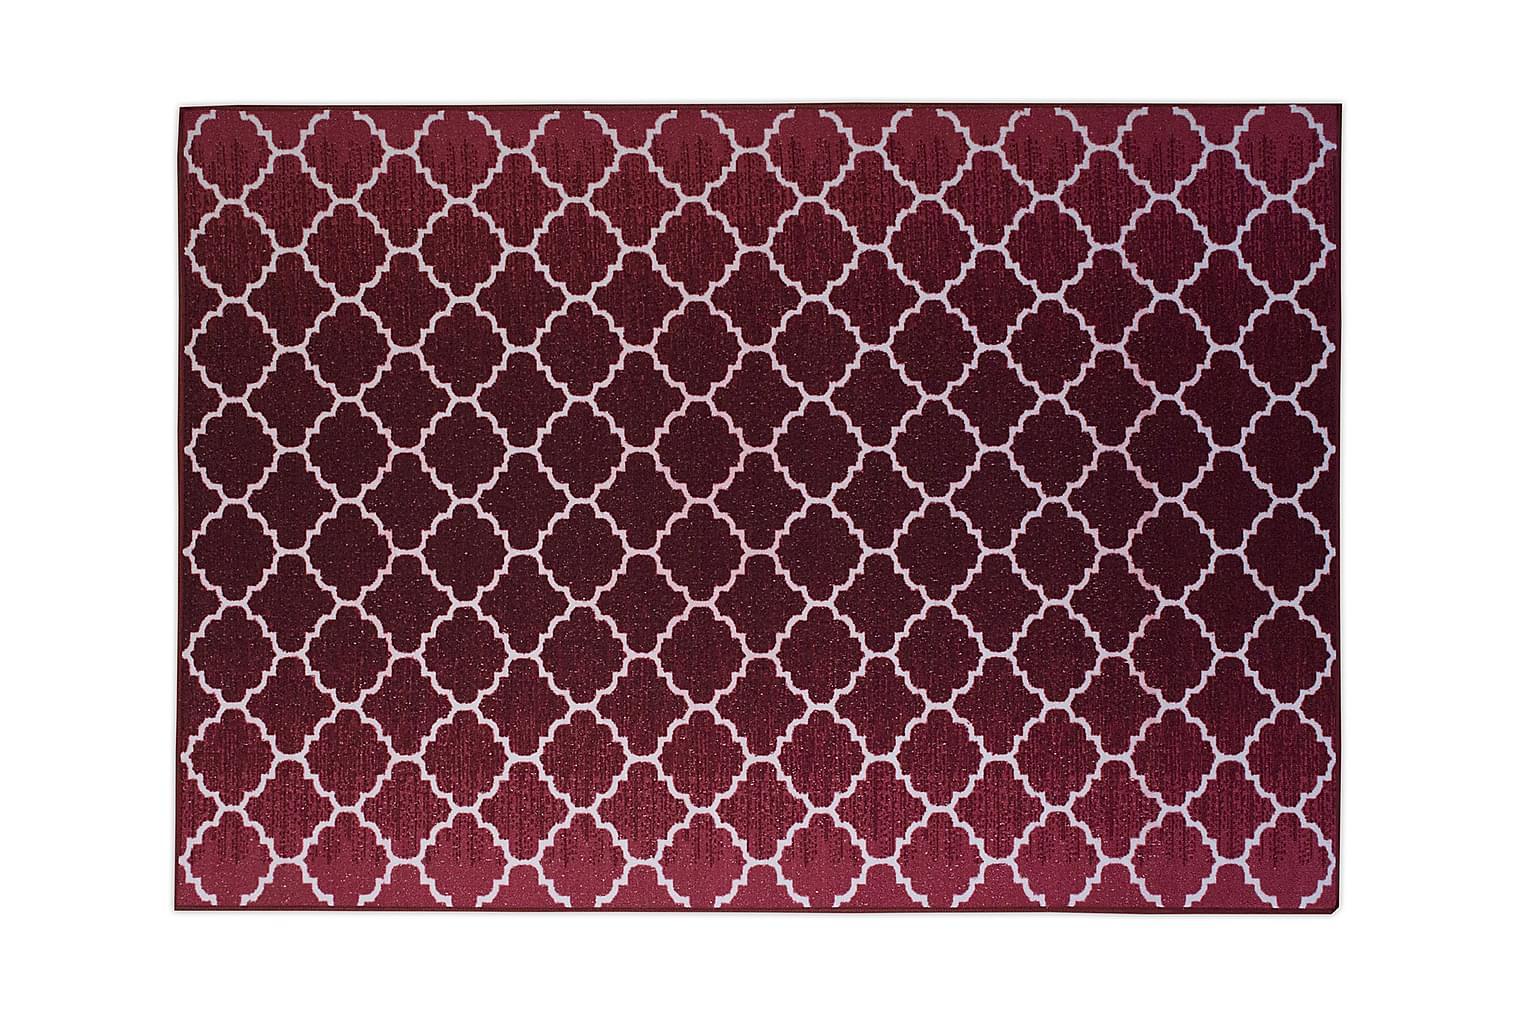 IPANEMA Kumipinnoitettu Matto 133x190 Punainen